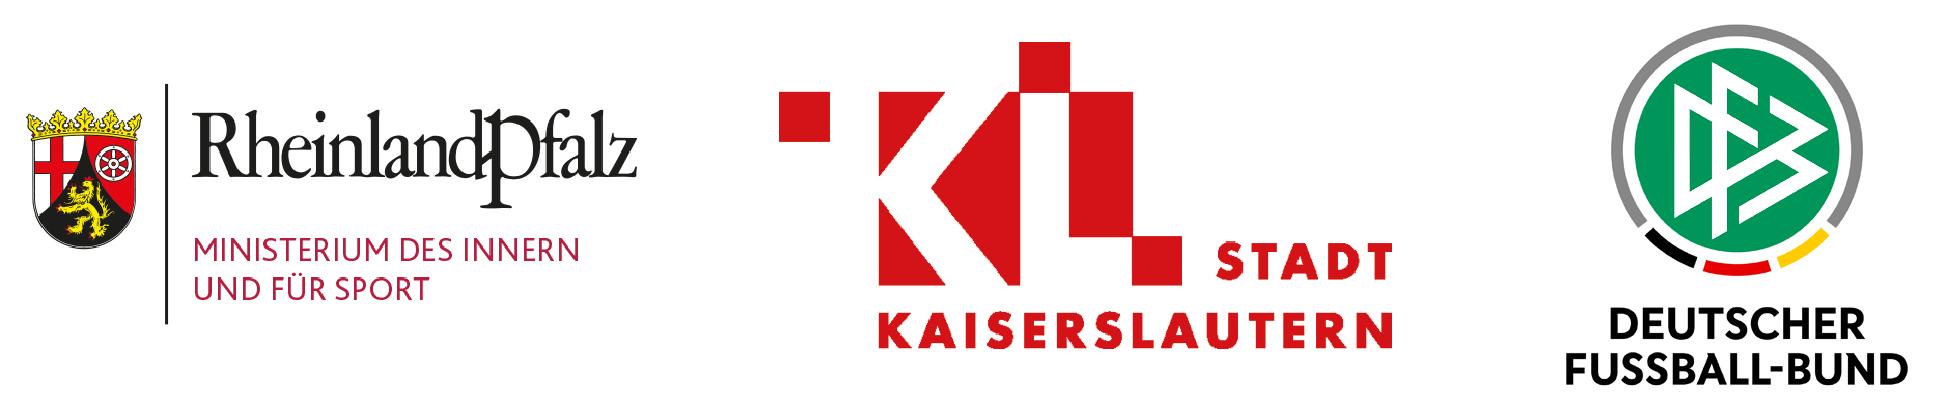 https://www.fanprojekt-kl.de/wp-content/uploads/2020/02/Förderer-frei-Kopie.png